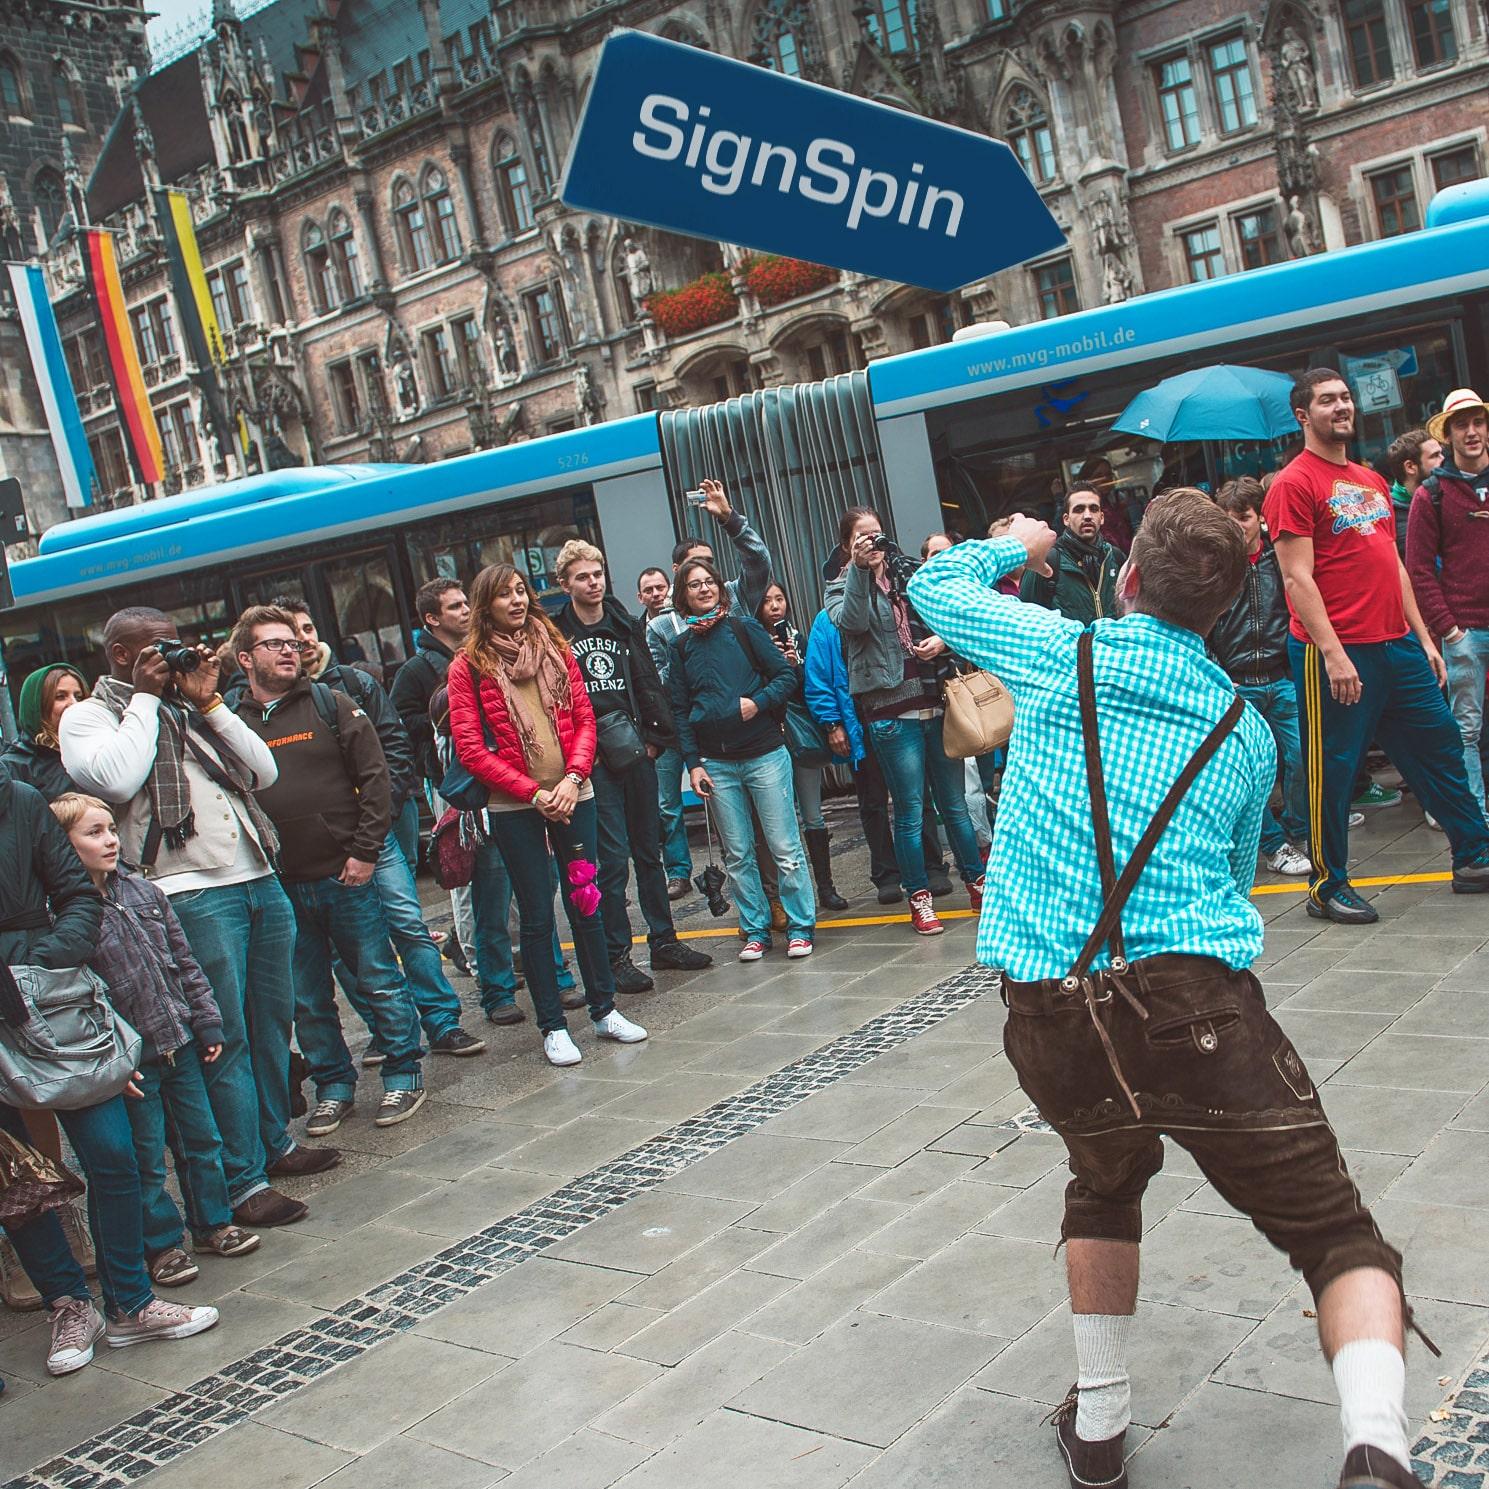 SignSpin Showact in der Münchener Innenstadt mit vielen Zuschauern